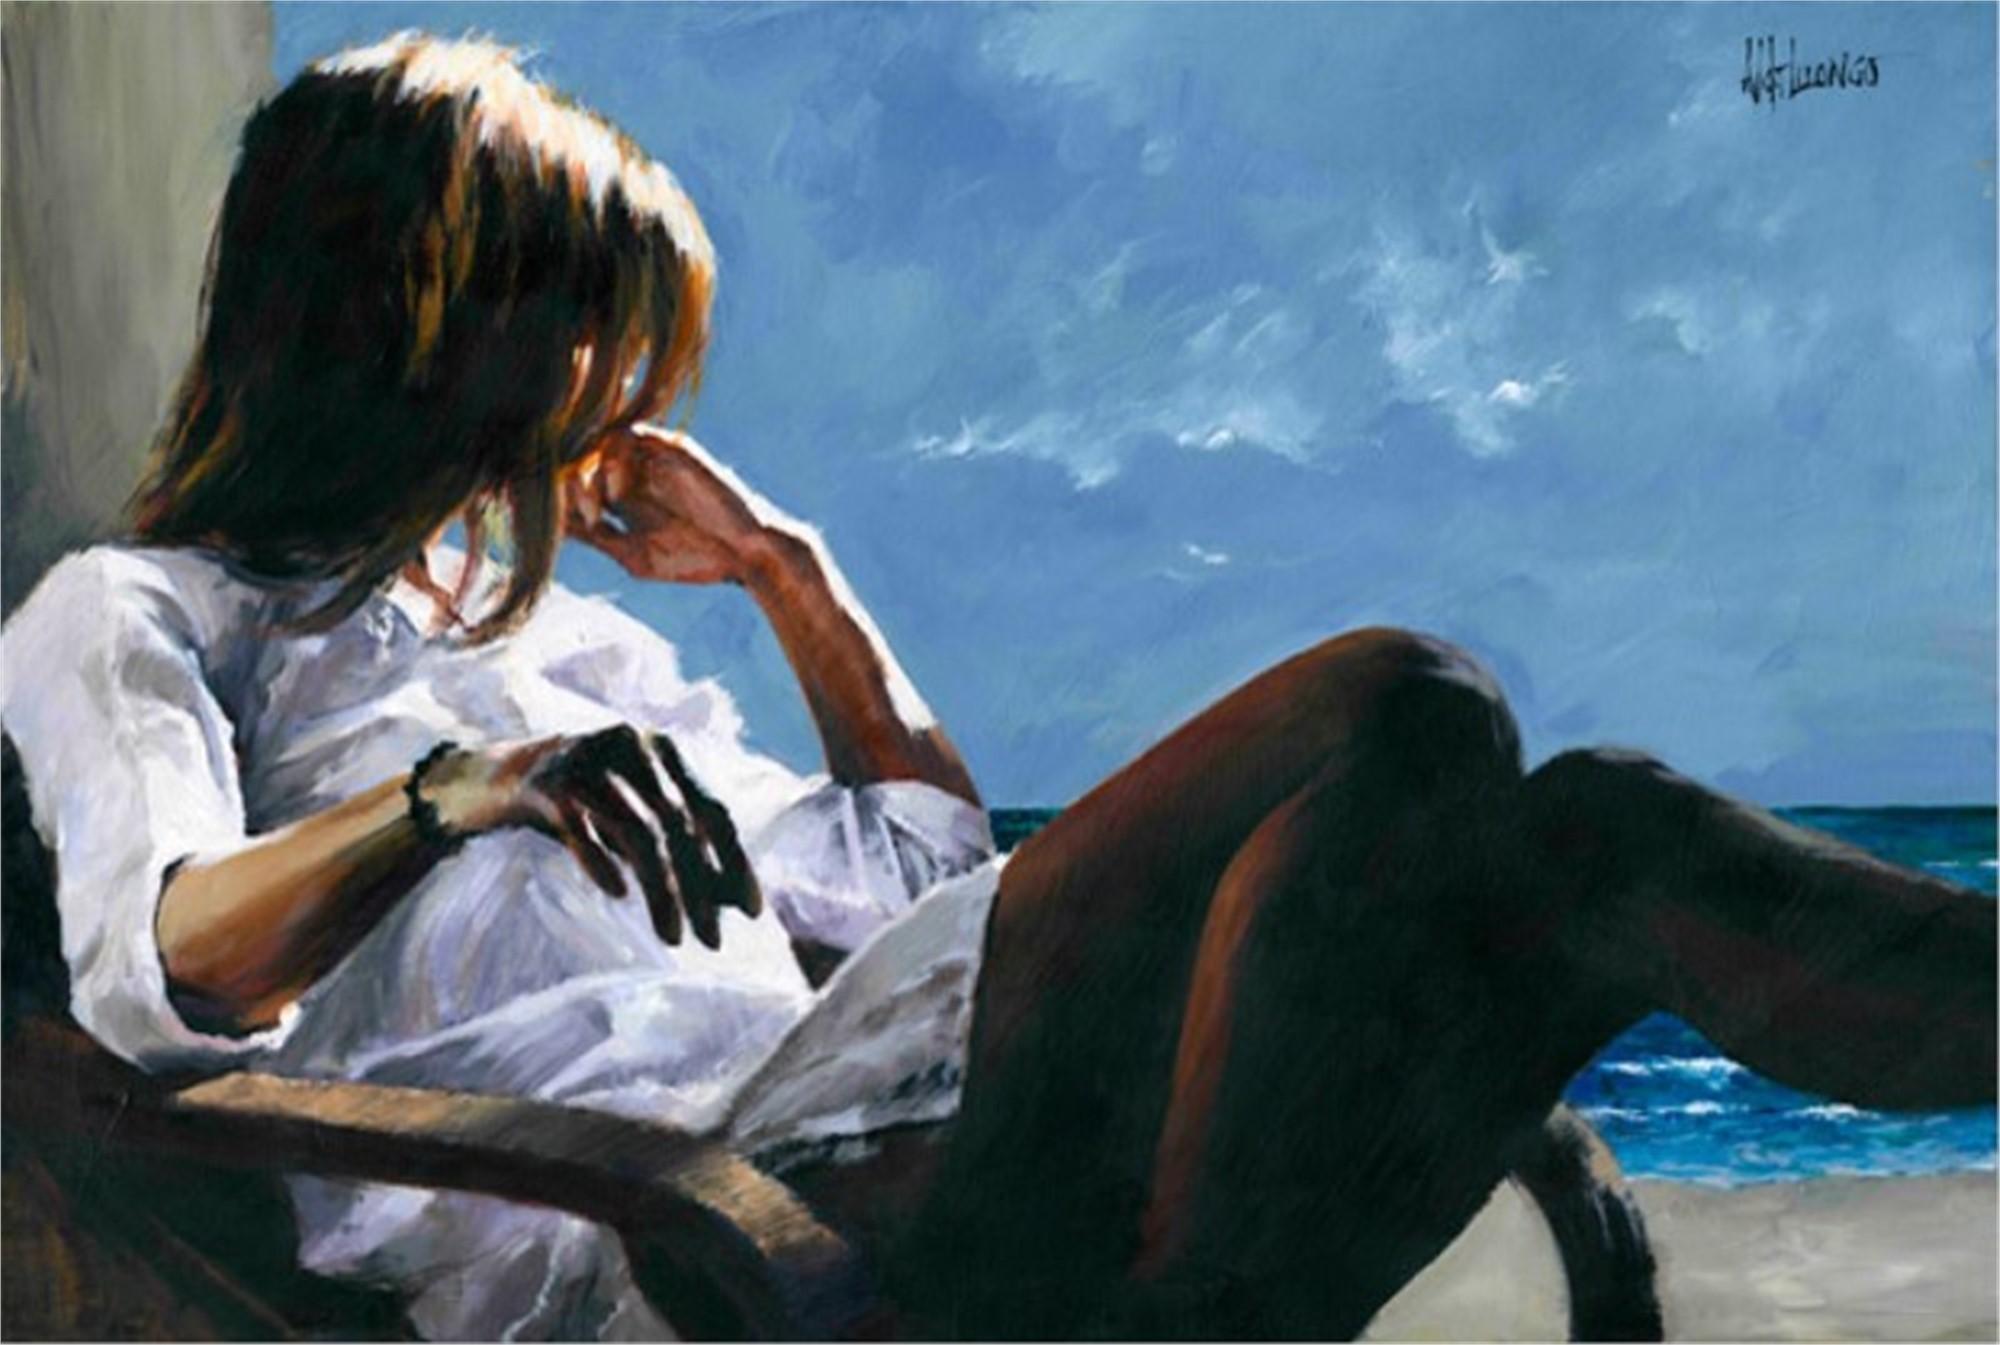 A Bright Silhouette by Aldo Luongo